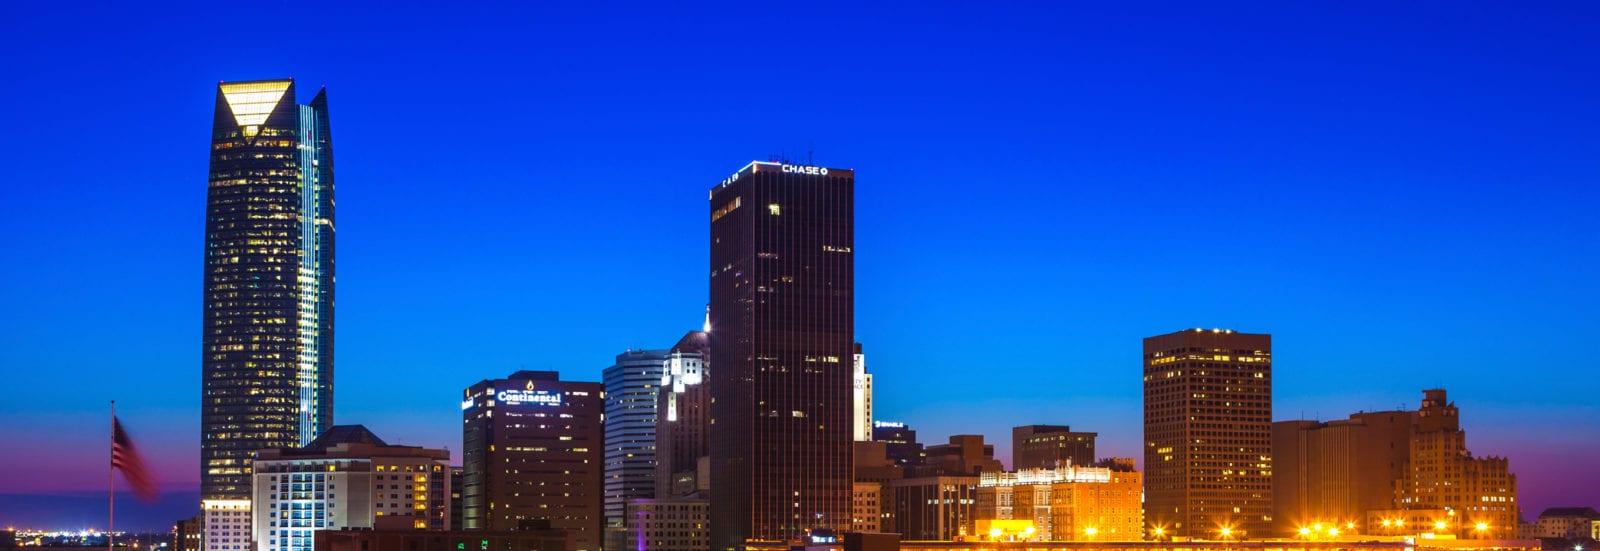 Oklahoma City Storage Units Morningstar Storage